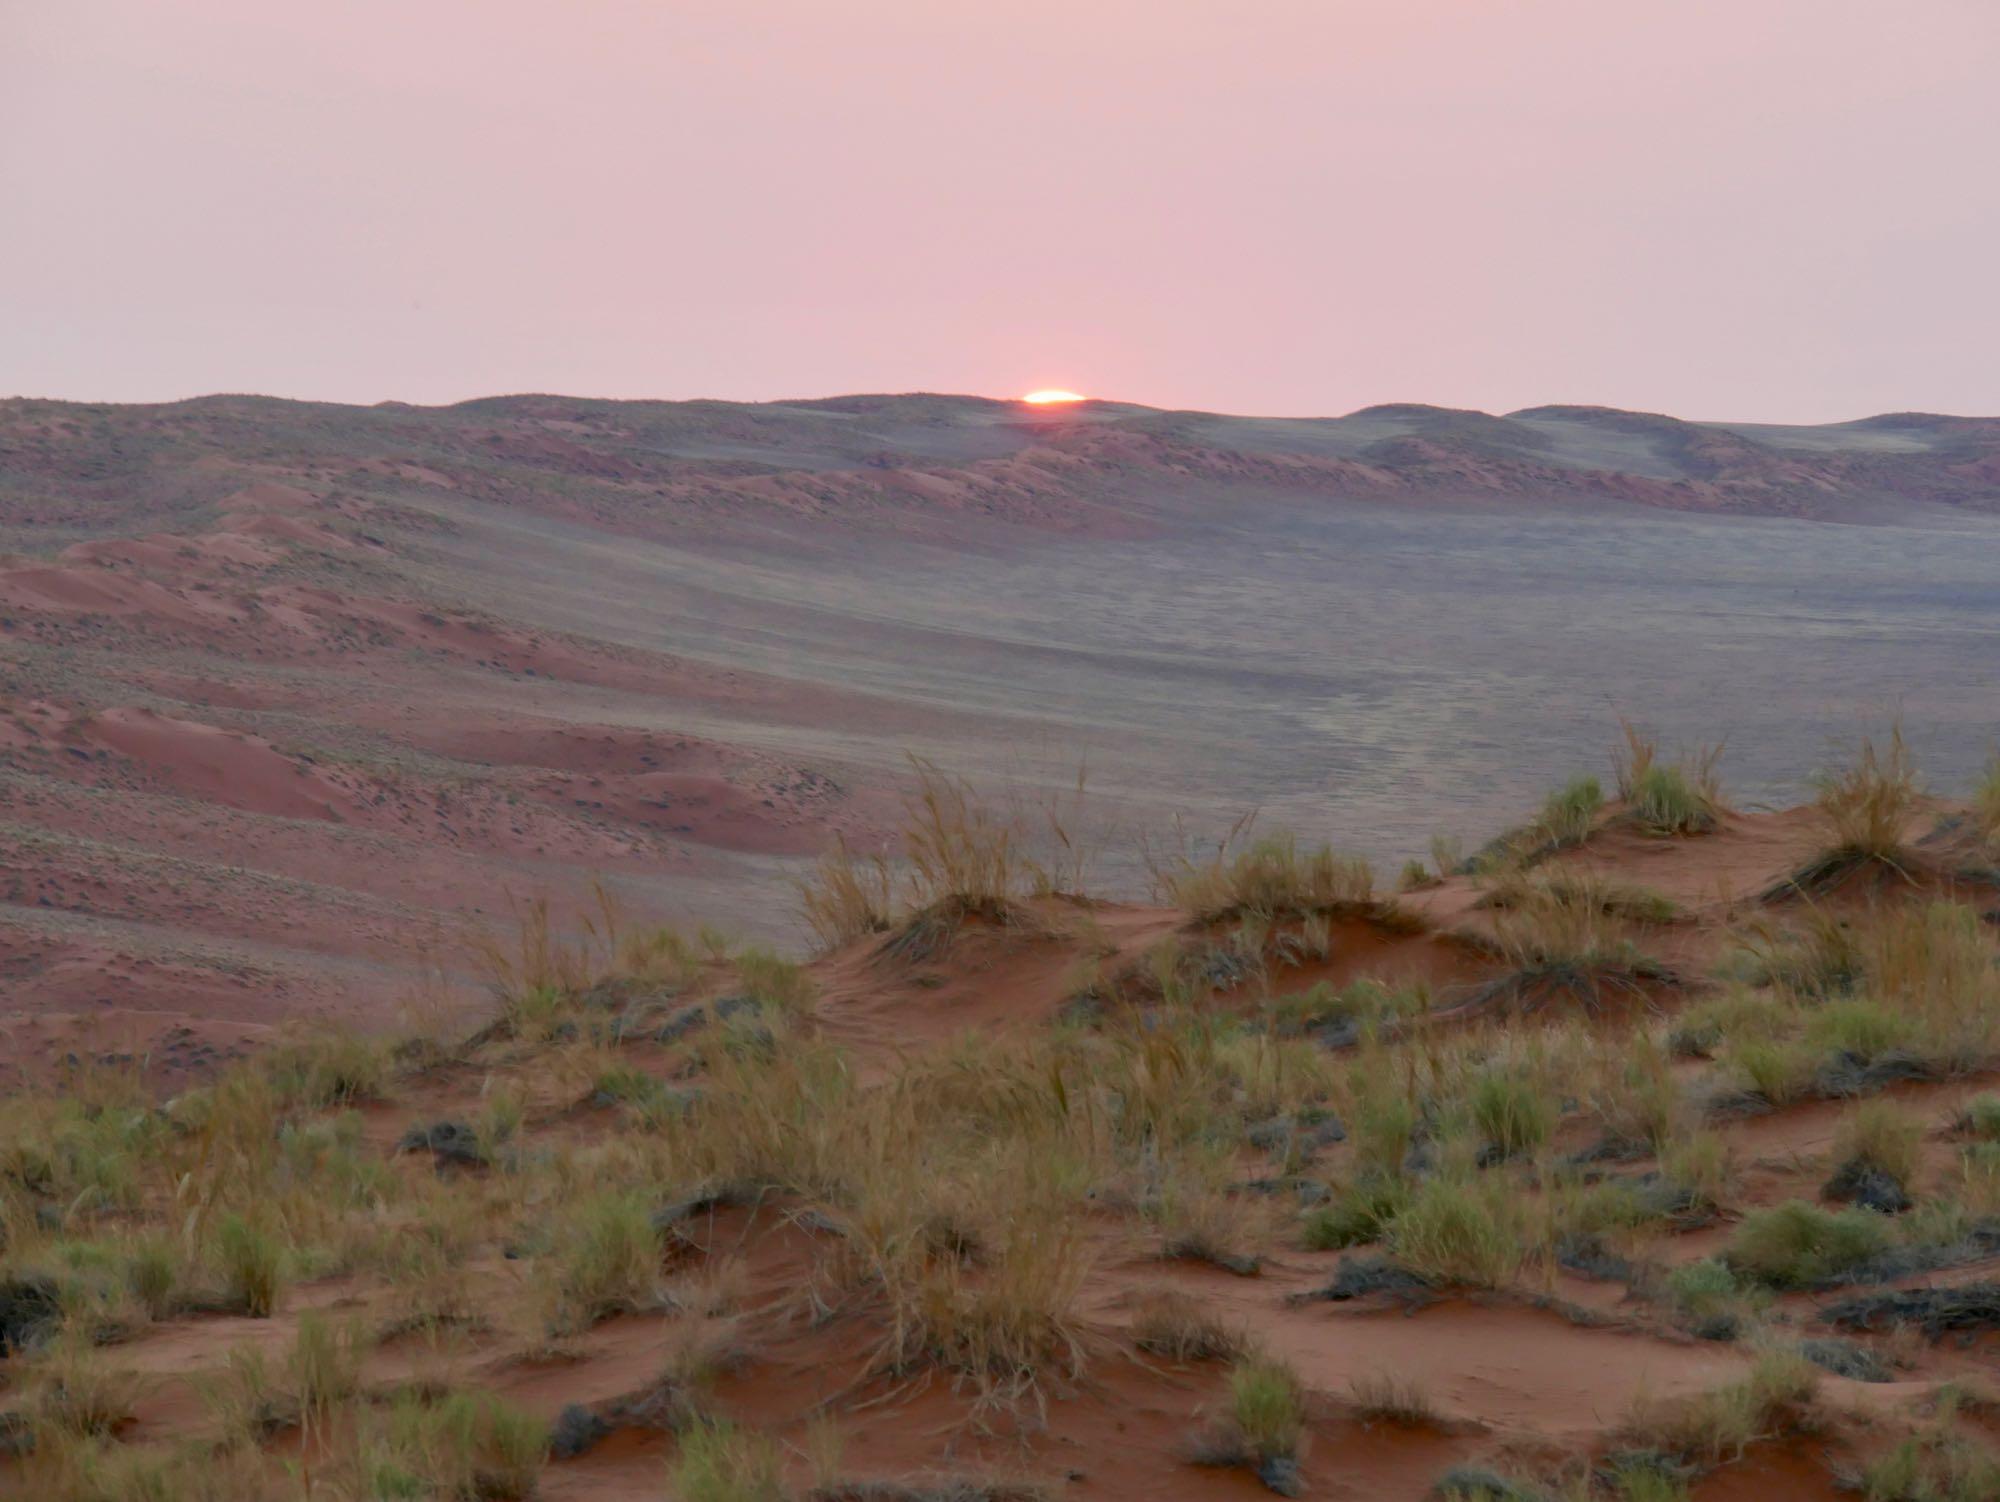 Fin du coucher de soleil sur Elim Dune